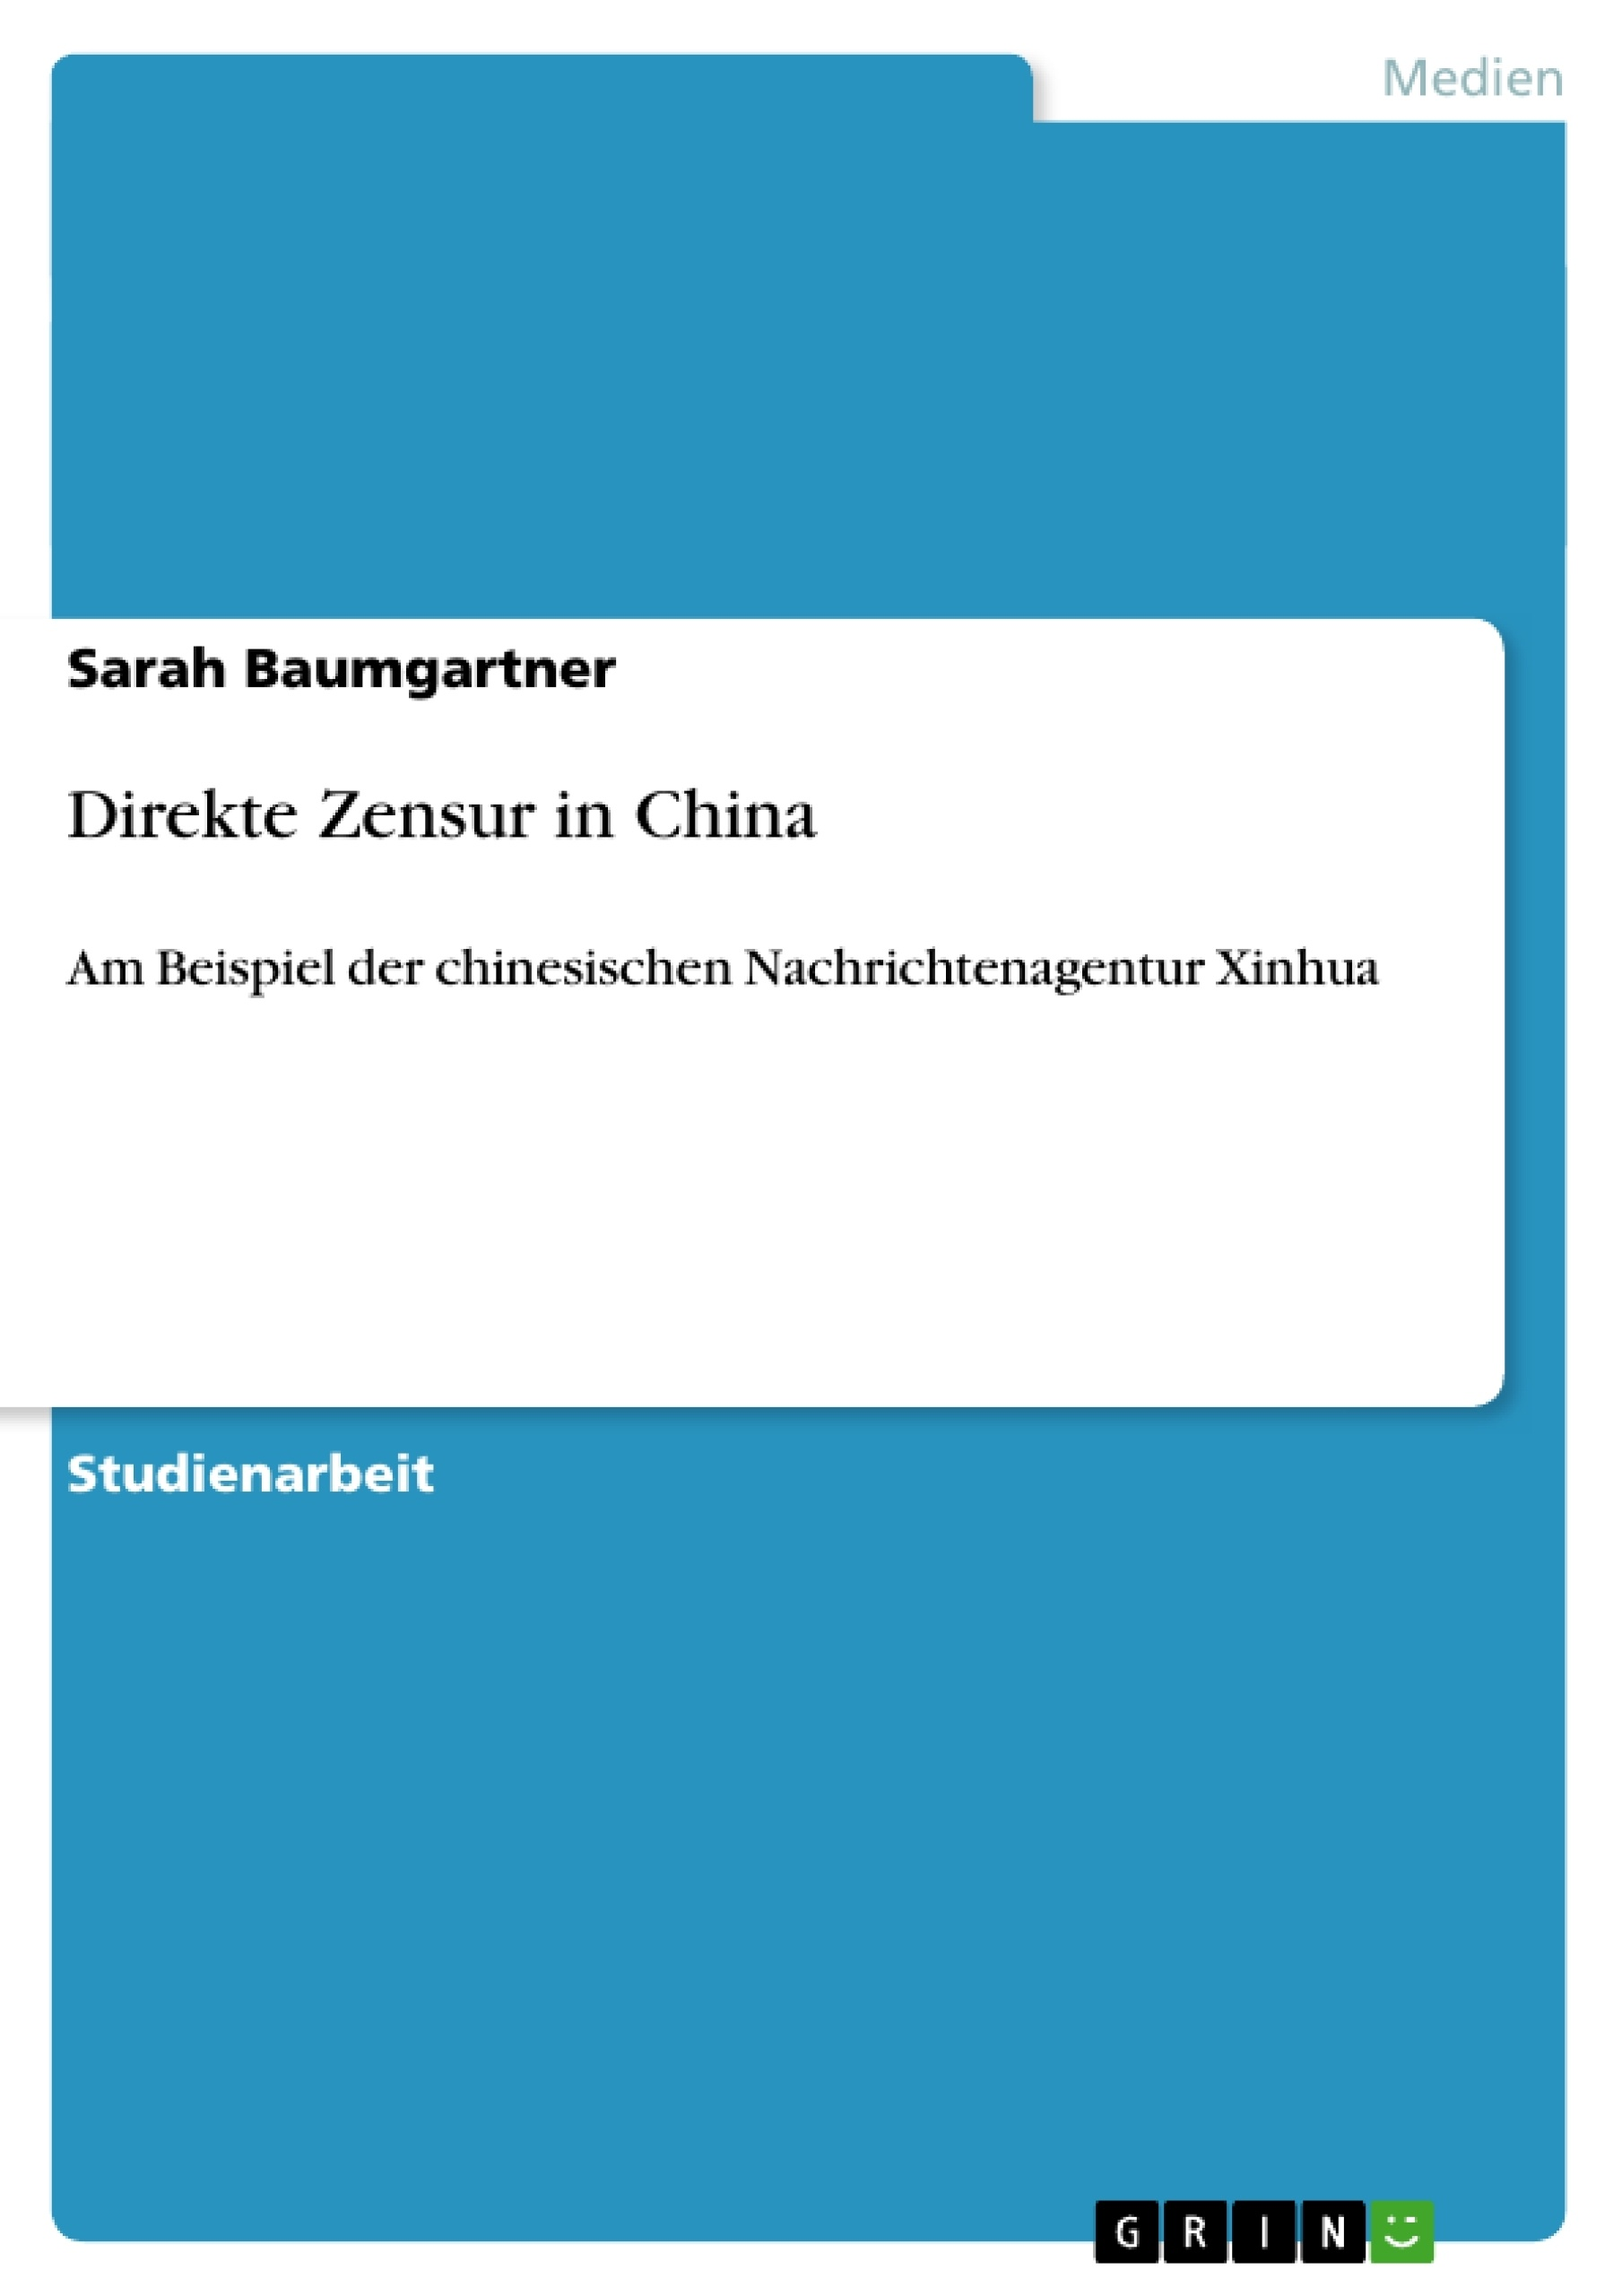 Titel: Direkte Zensur in China